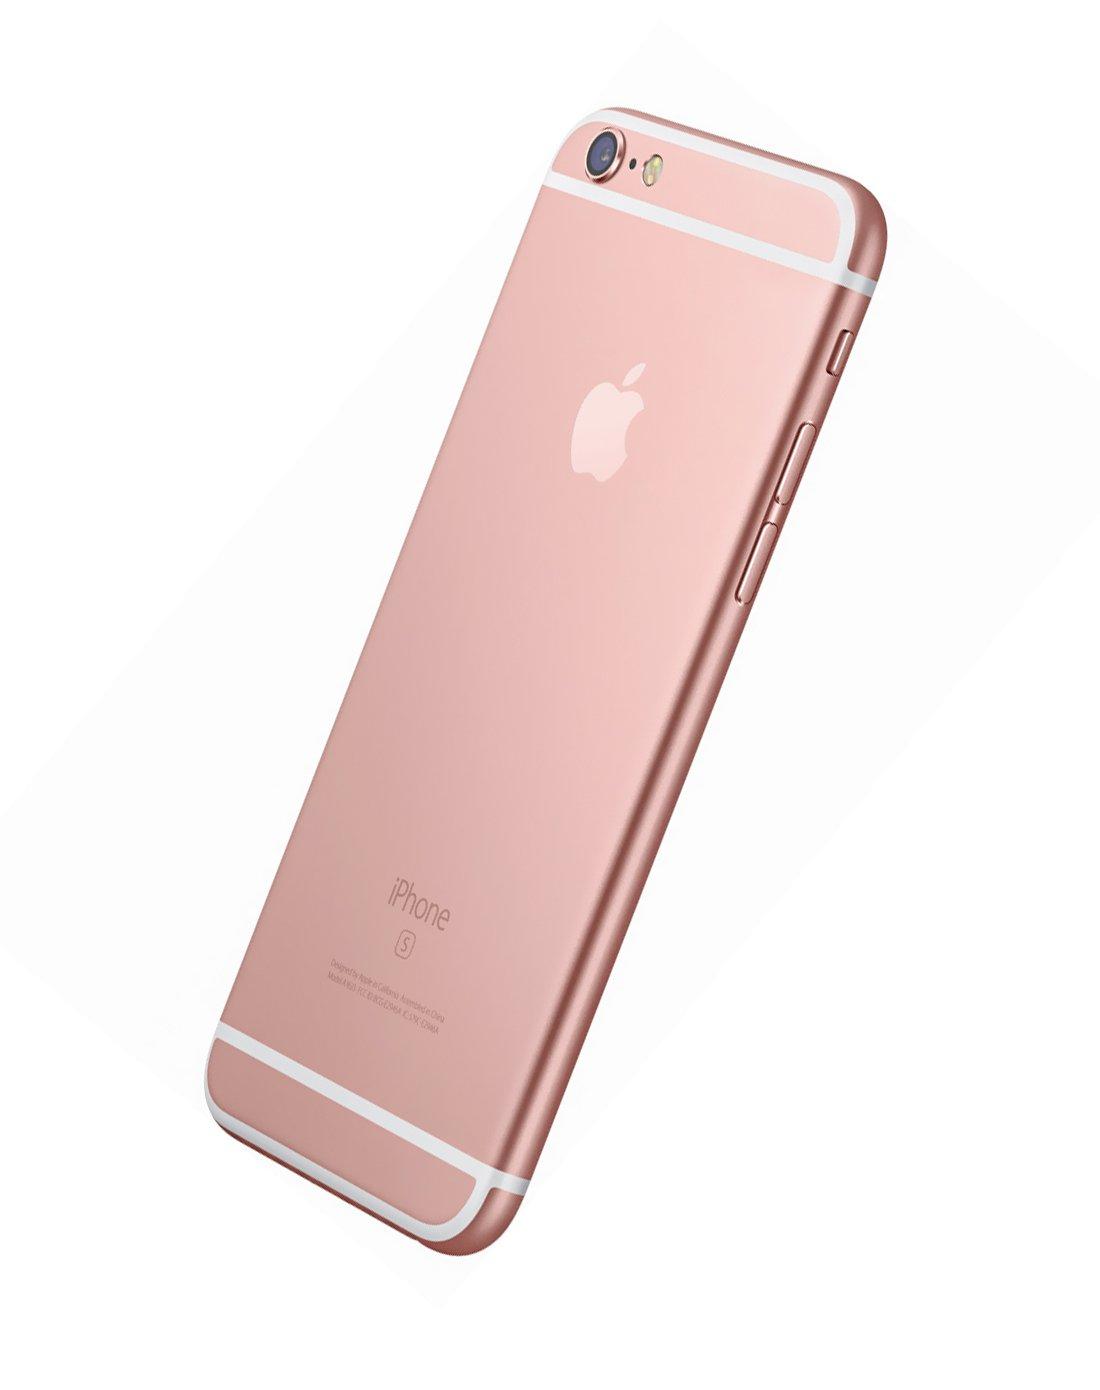 苹果6splus_【特惠套餐】 苹果iphone6s plus 玫瑰金色 32gb全网通